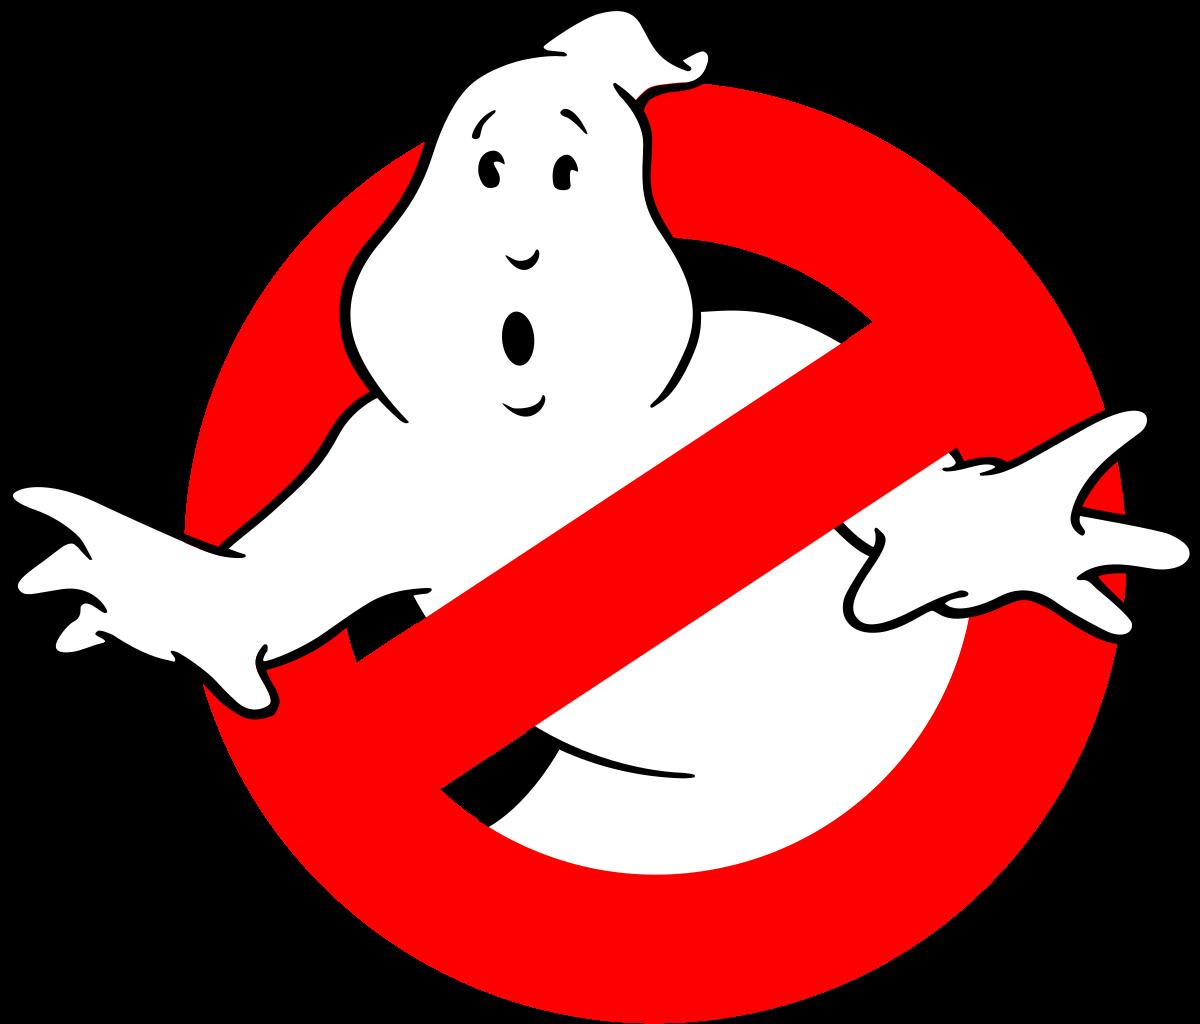 Clipart decompressor picture black and white Clipart ghost ghostbusters, Clipart ghost ghostbusters Transparent ... picture black and white